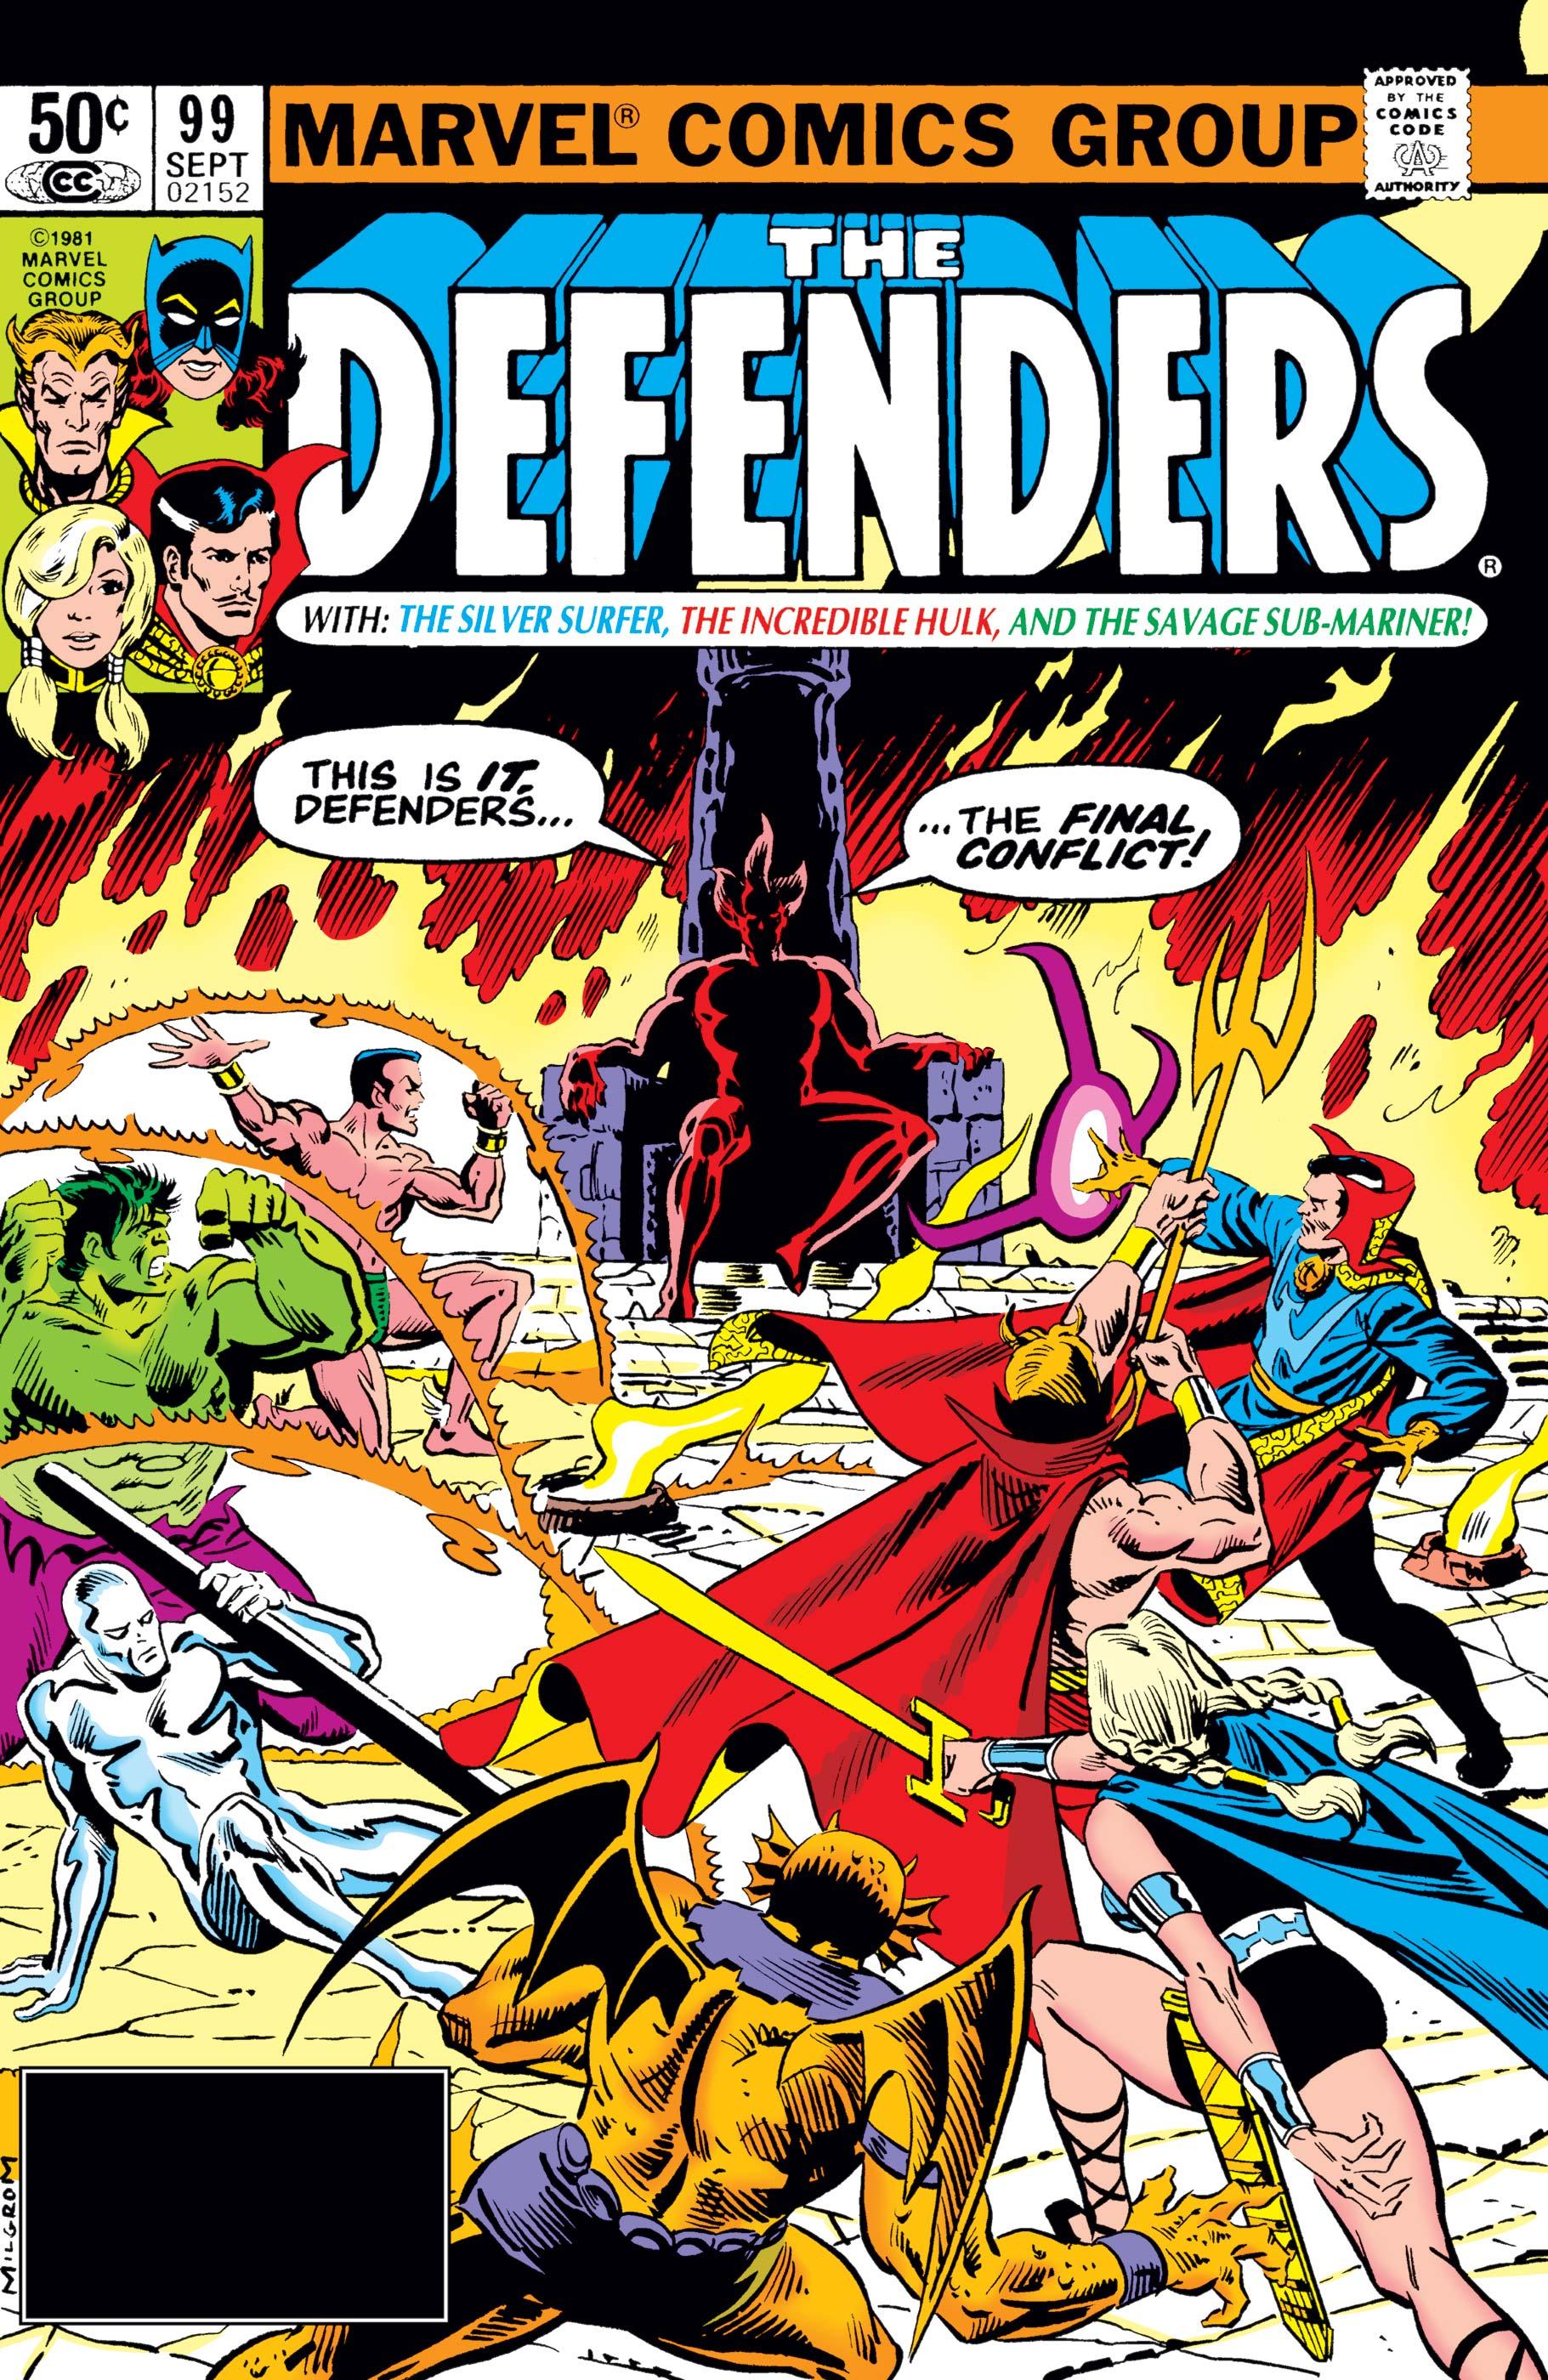 Defenders (1972) #99